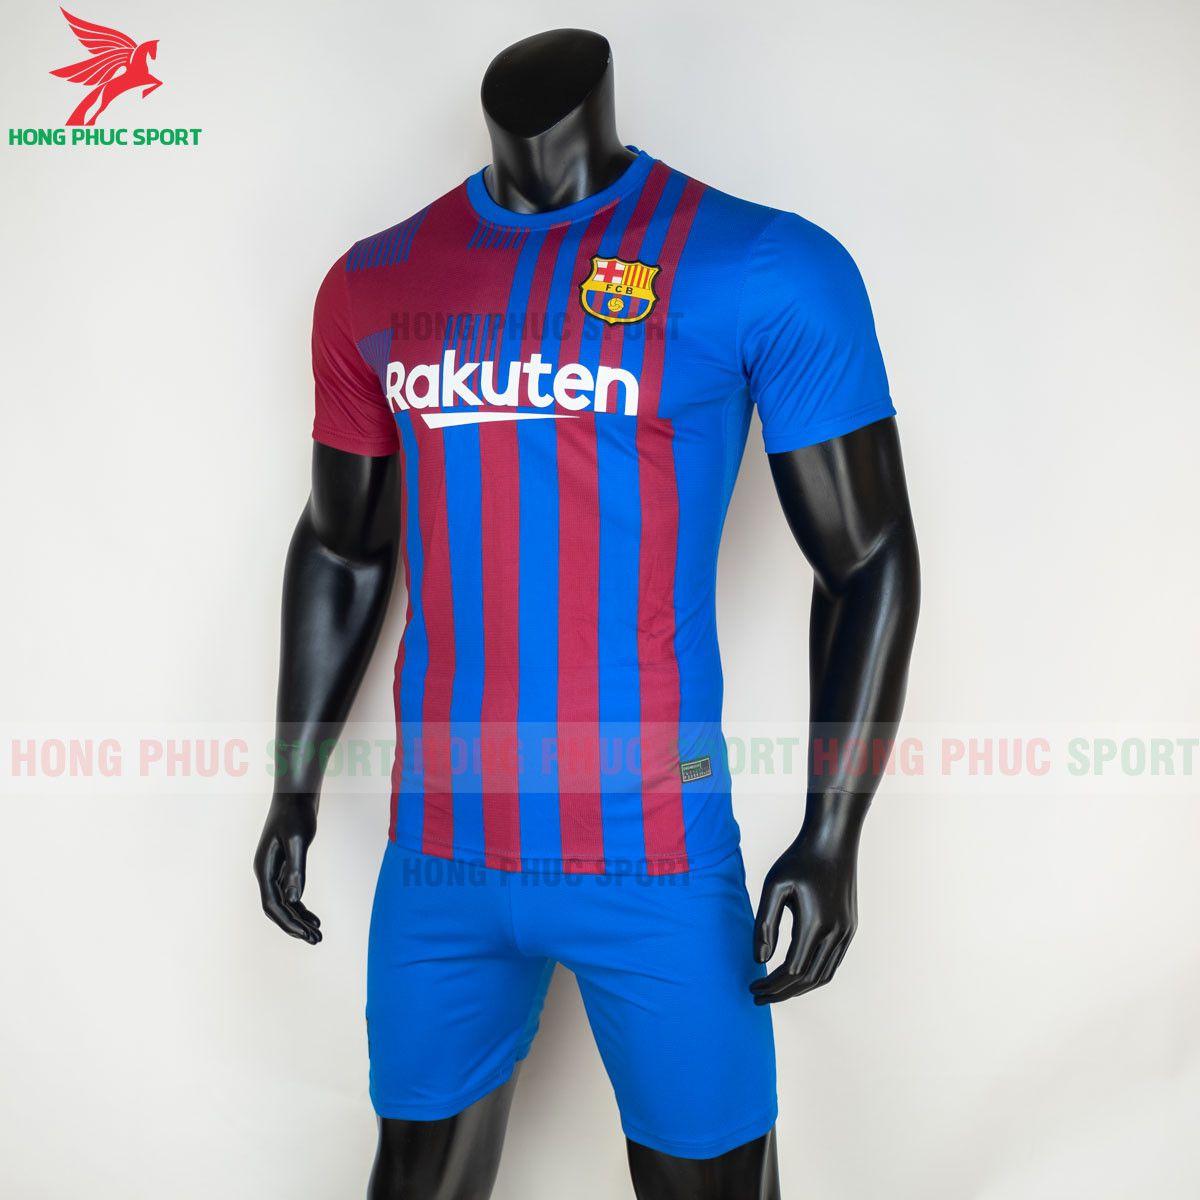 https://cdn.hongphucsport.com/unsafe/s4.shopbay.vn/files/285/ao-bong-da-barcelona-2021-2022-san-nha-hang-thai-4-60d2fcee95d1b.jpg